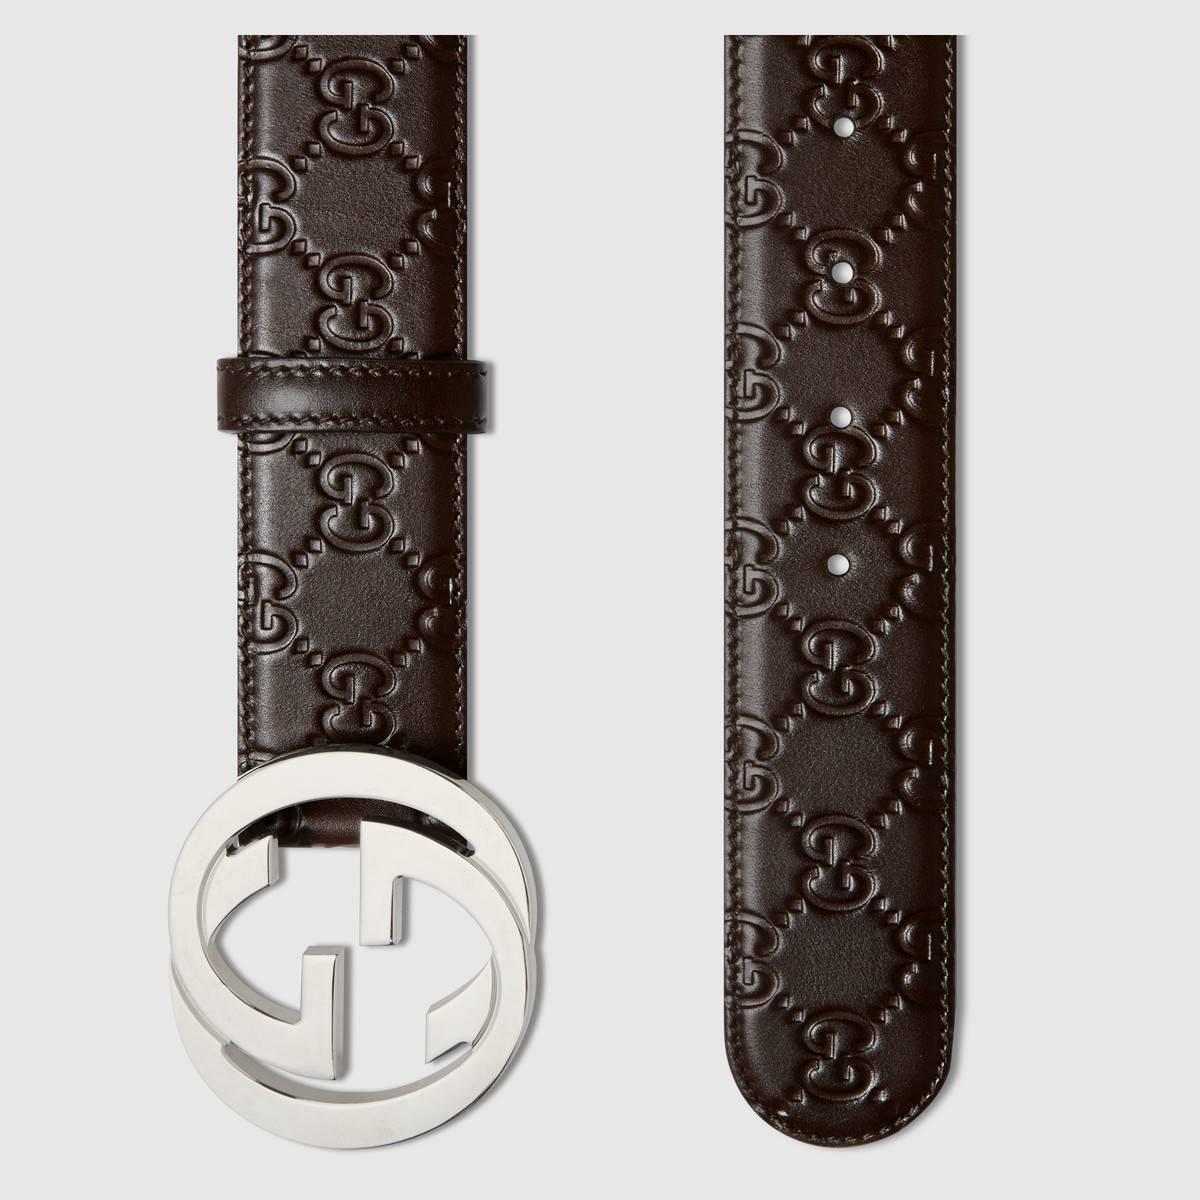 Thắt lưng Gucci thật luôn sắc sảo và tỉ mỉ trong từng đường kim mũi chỉ